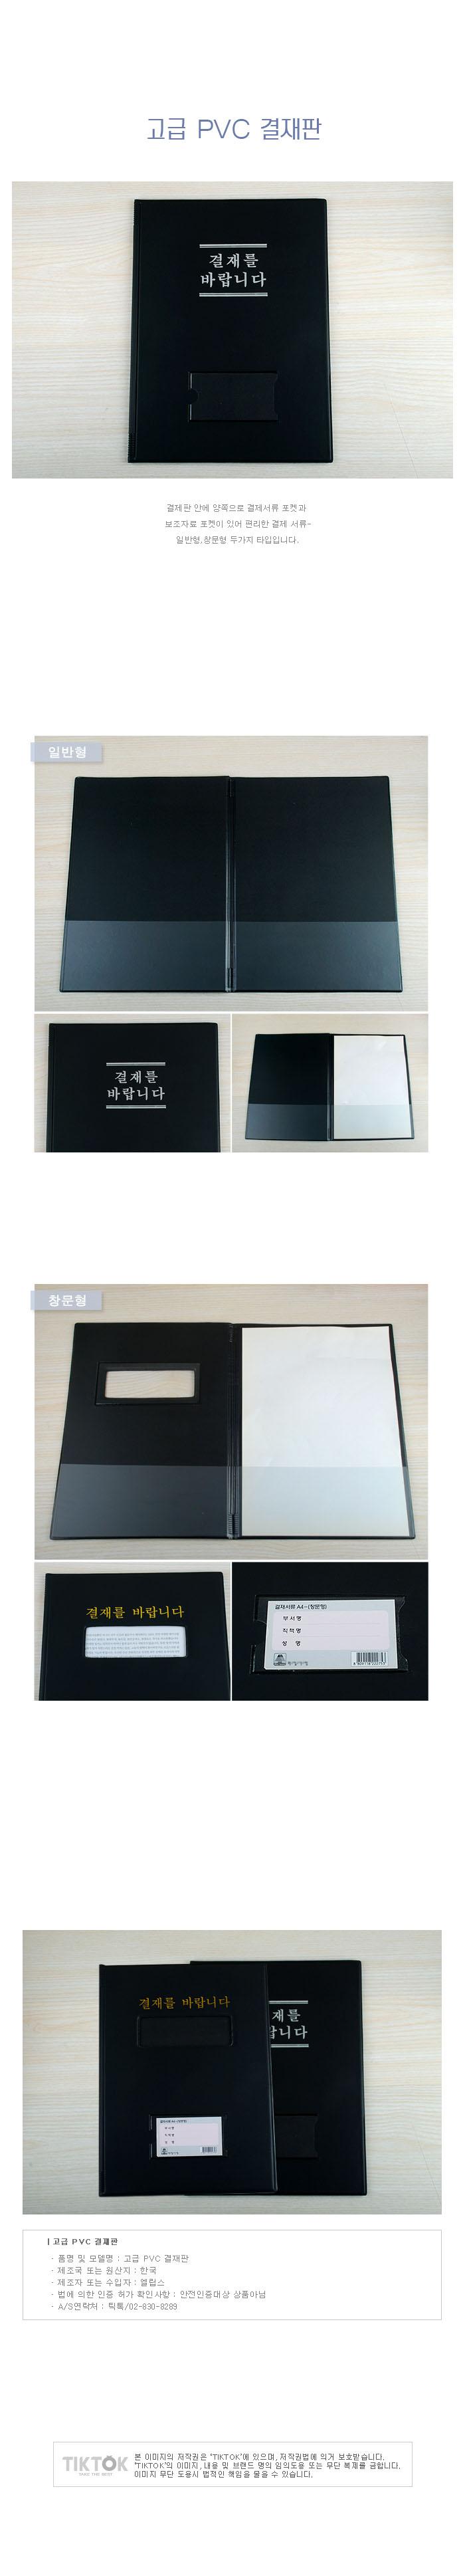 고급 PVC 결재판 - 대하, 3,000원, 파일/클립보드, 레버화일